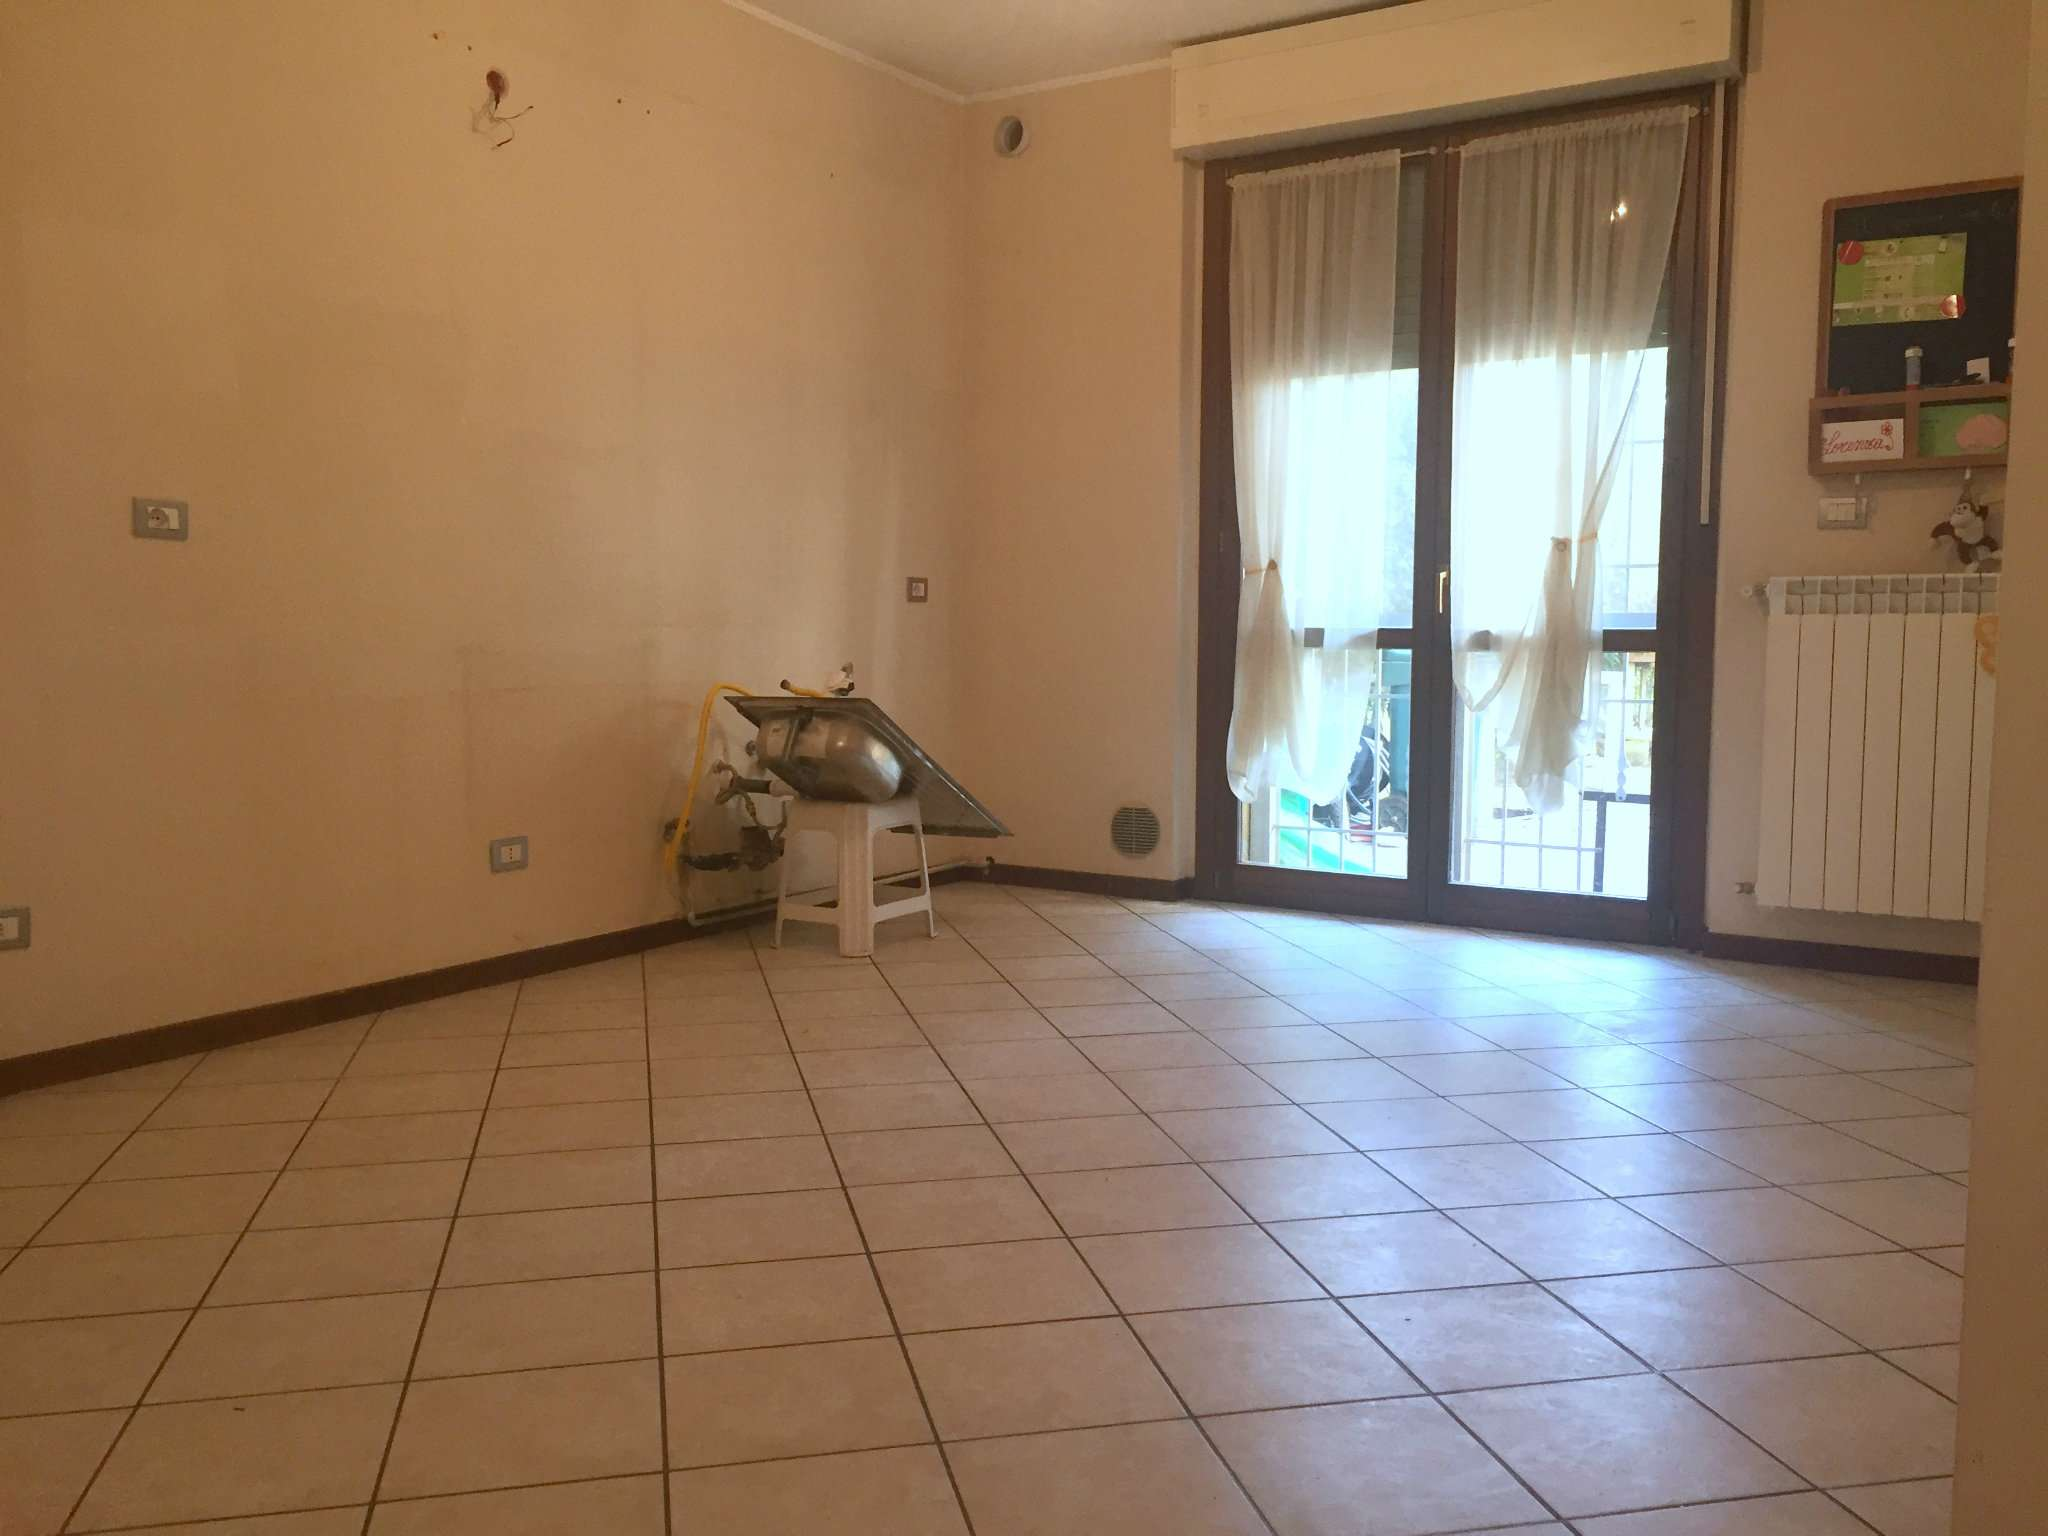 Appartamento in vendita a Gessate, 2 locali, prezzo € 94.000 | CambioCasa.it